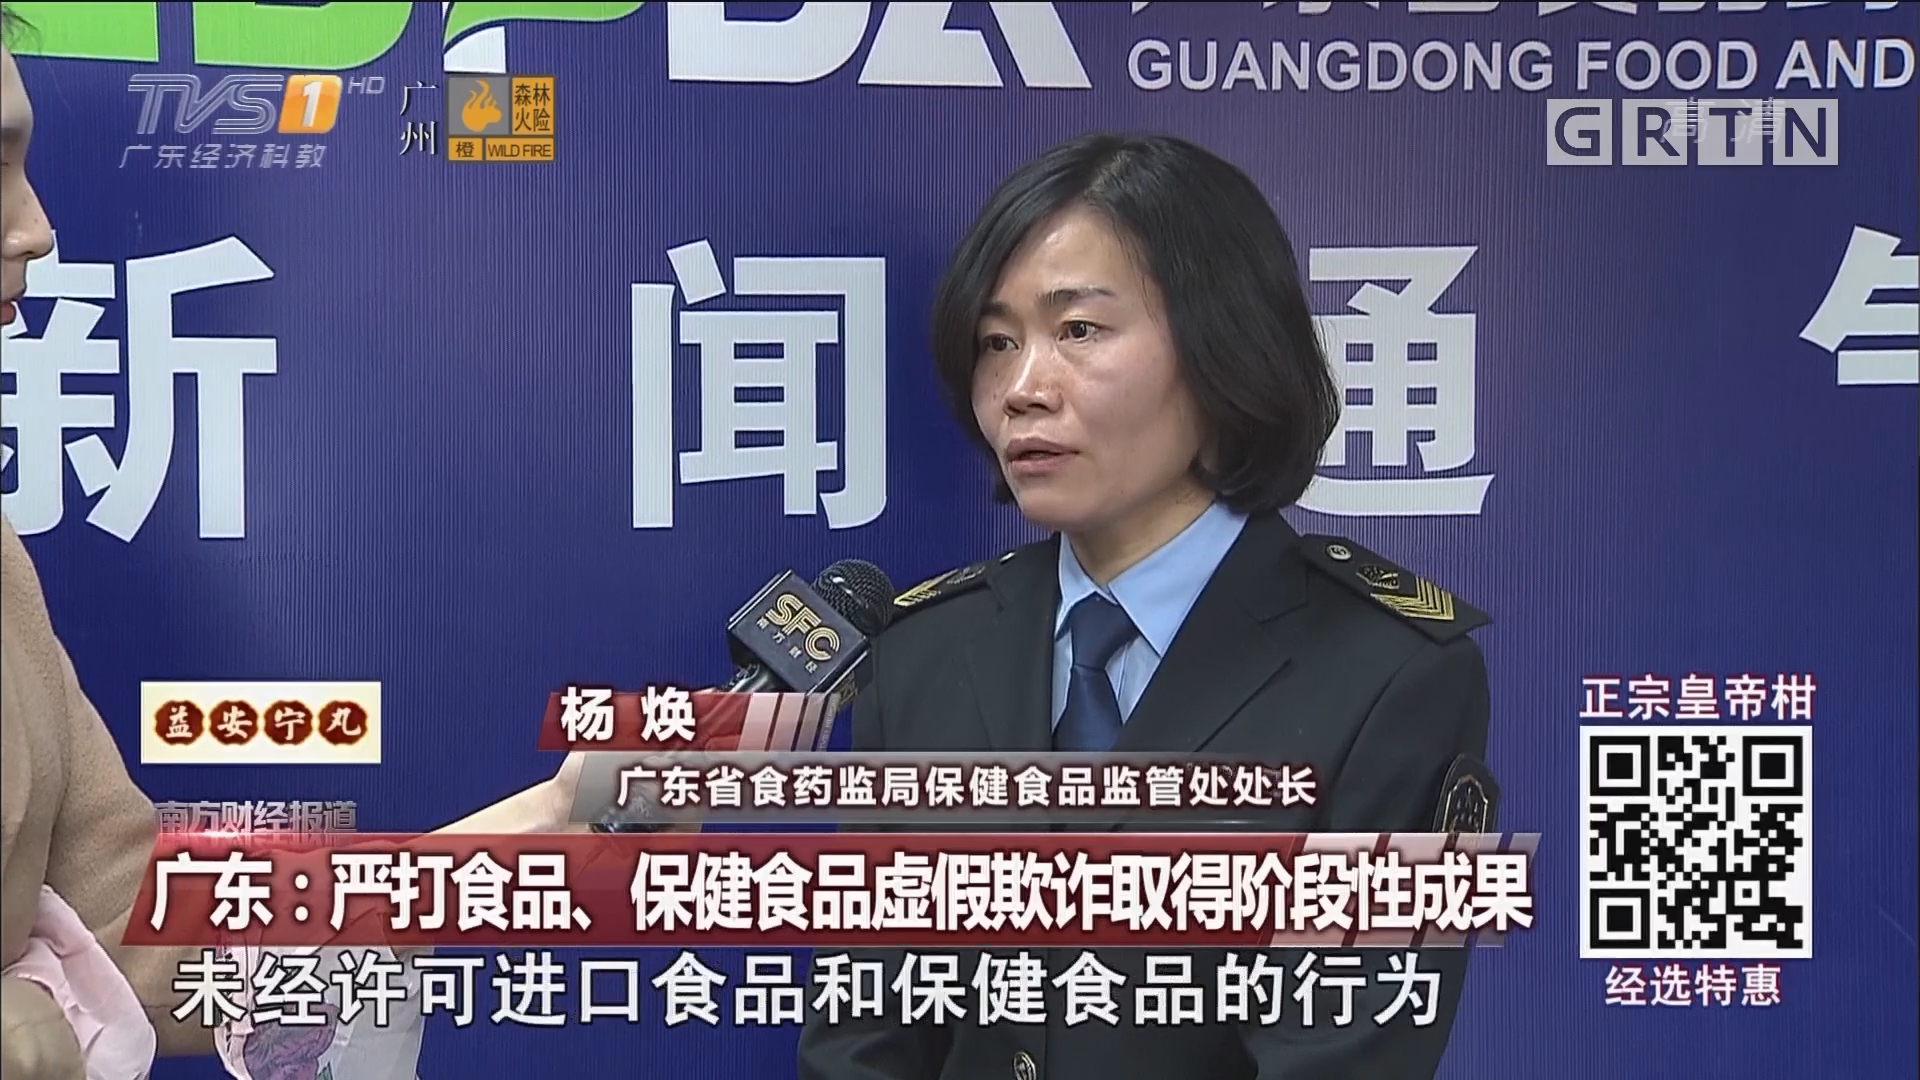 广东:严打食品、保健食品虚假欺诈取得阶段性成果